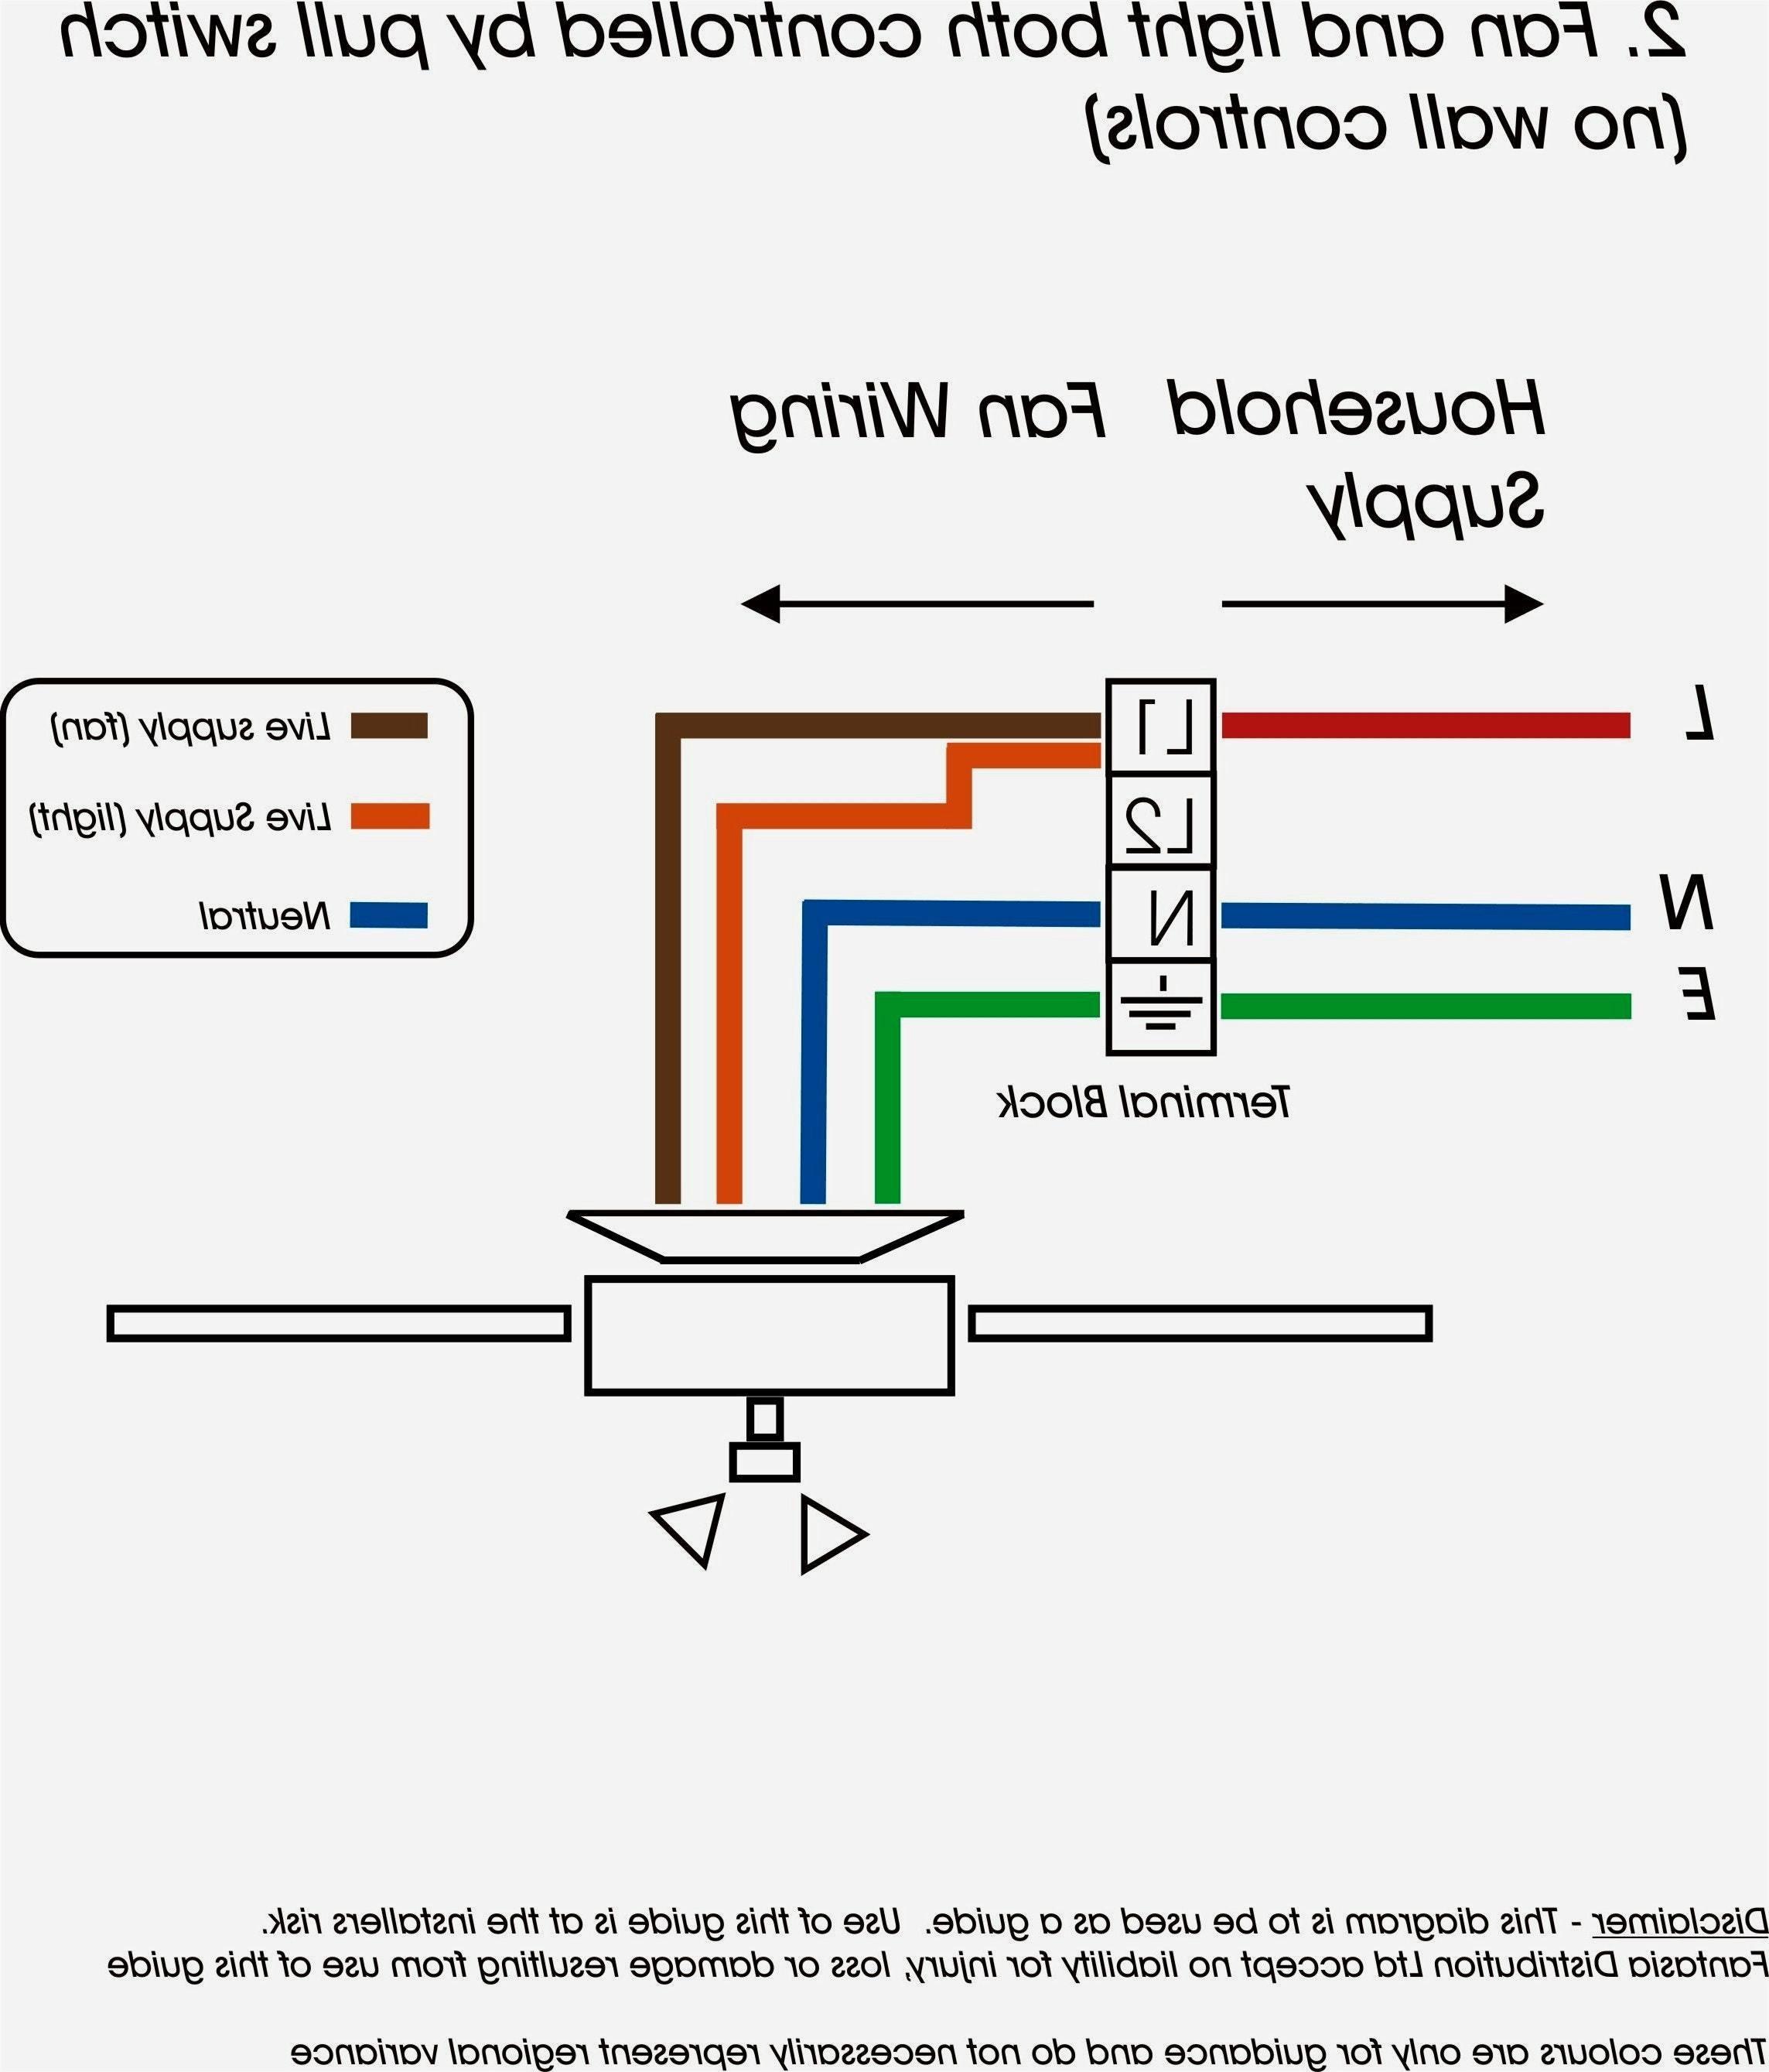 Fan Speed Switch Wiring Diagram Foxy Hampton Bay Bathroom Fan 3 Speed 4 Wire Fan Switch Wiring Of Fan Speed Switch Wiring Diagram